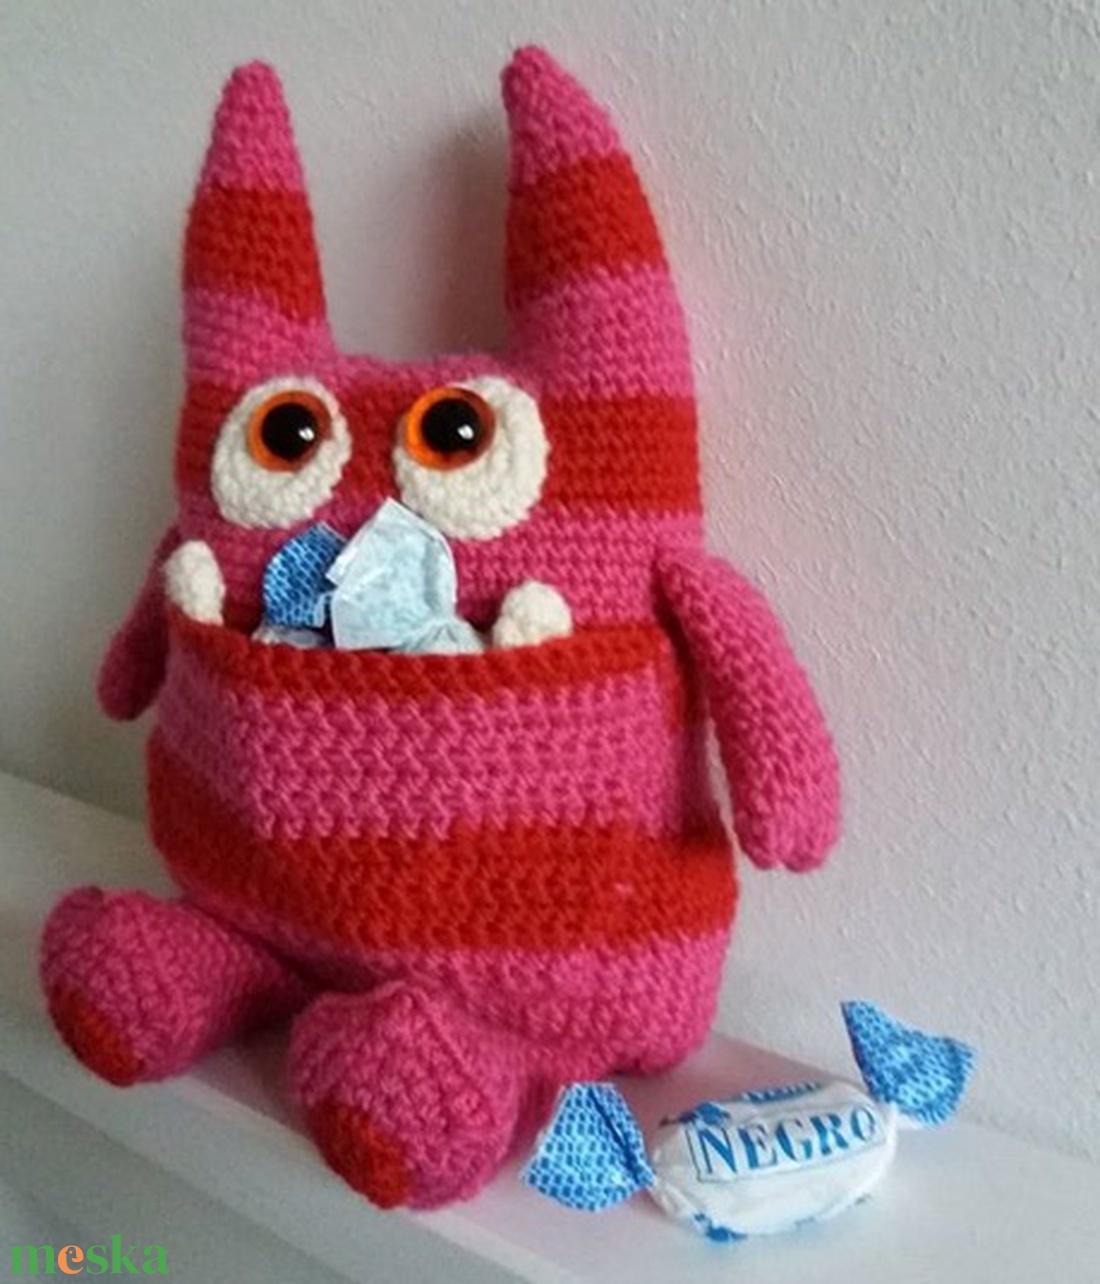 Zak, a kis szörnyecske =o) - játék & gyerek - plüssállat & játékfigura - szörnyike - Meska.hu